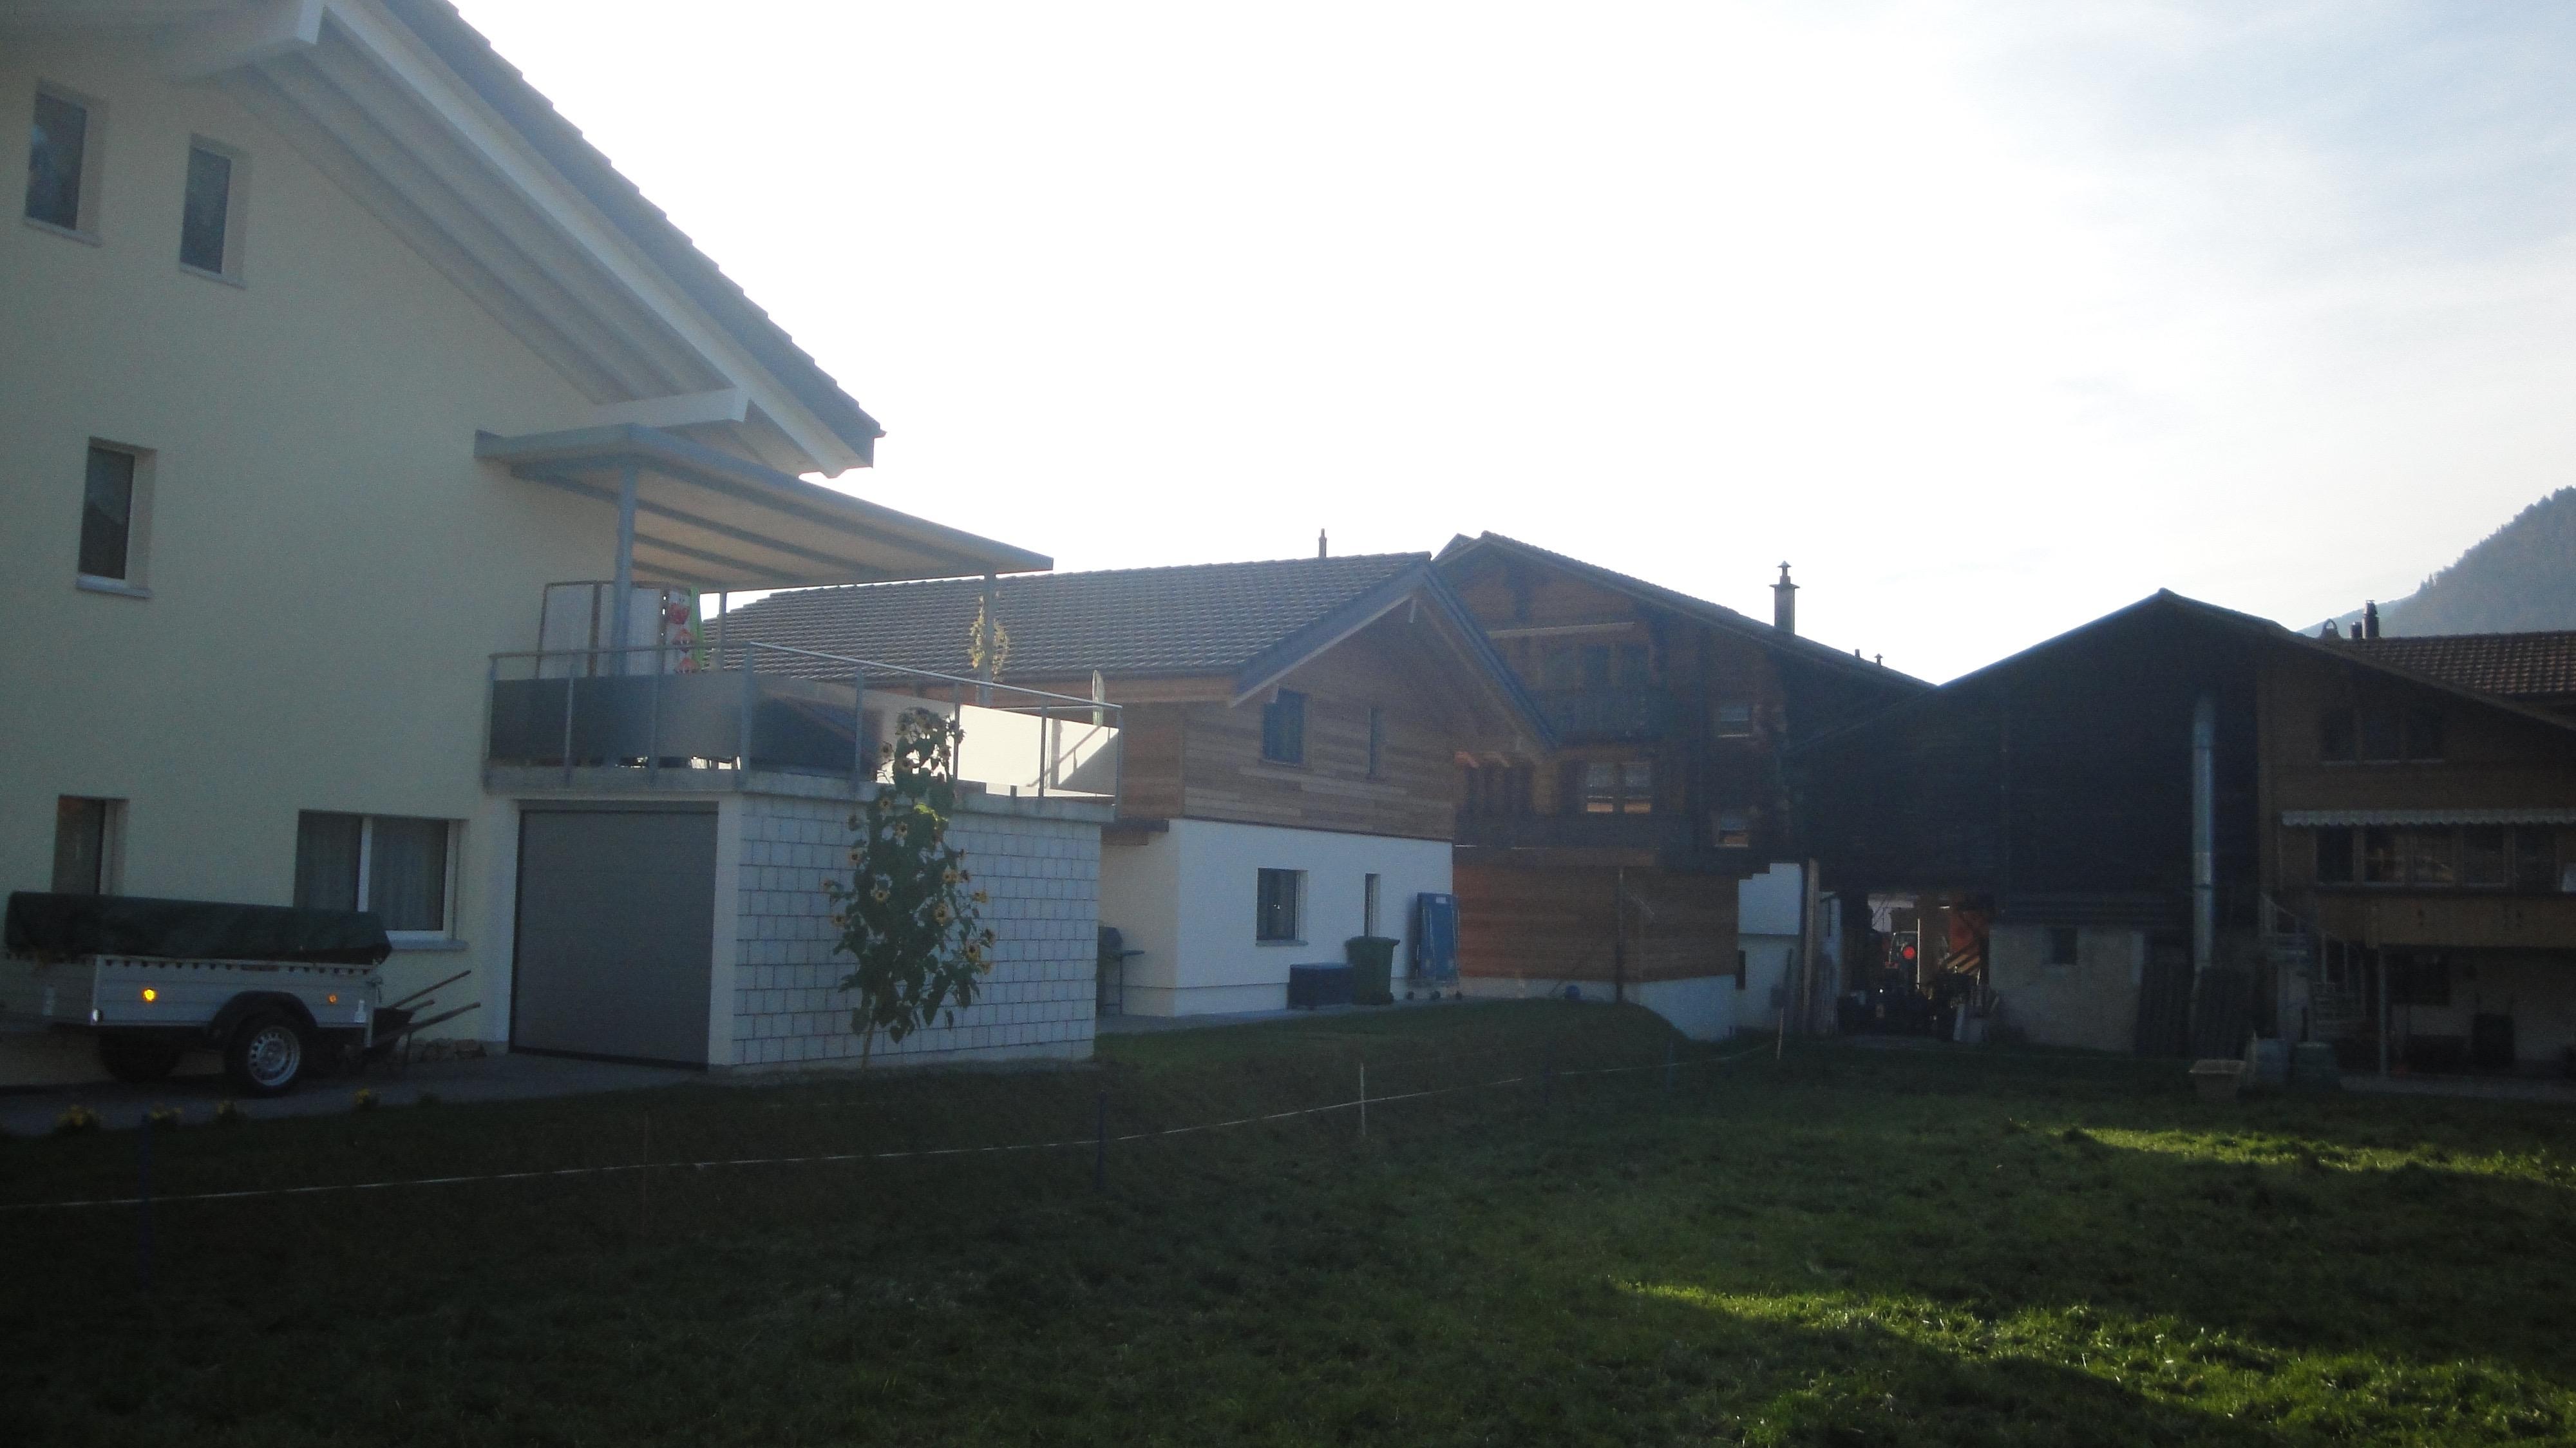 Einfamilienhaus seiler amacher architekten for Architekten grundrisse einfamilienhaus